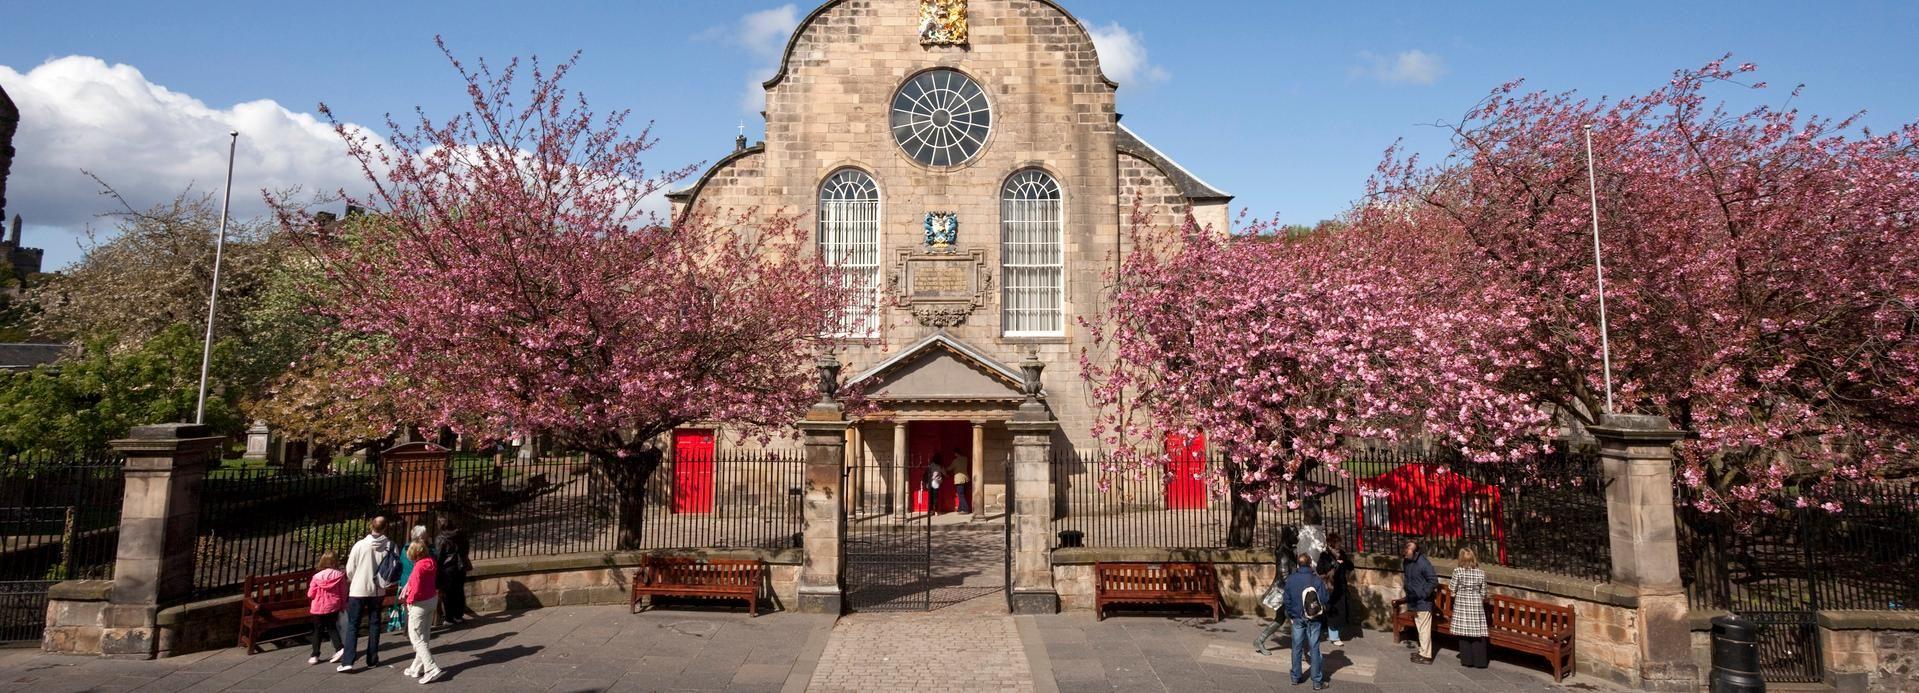 Édimbourg: visite historique vieille ville et caves